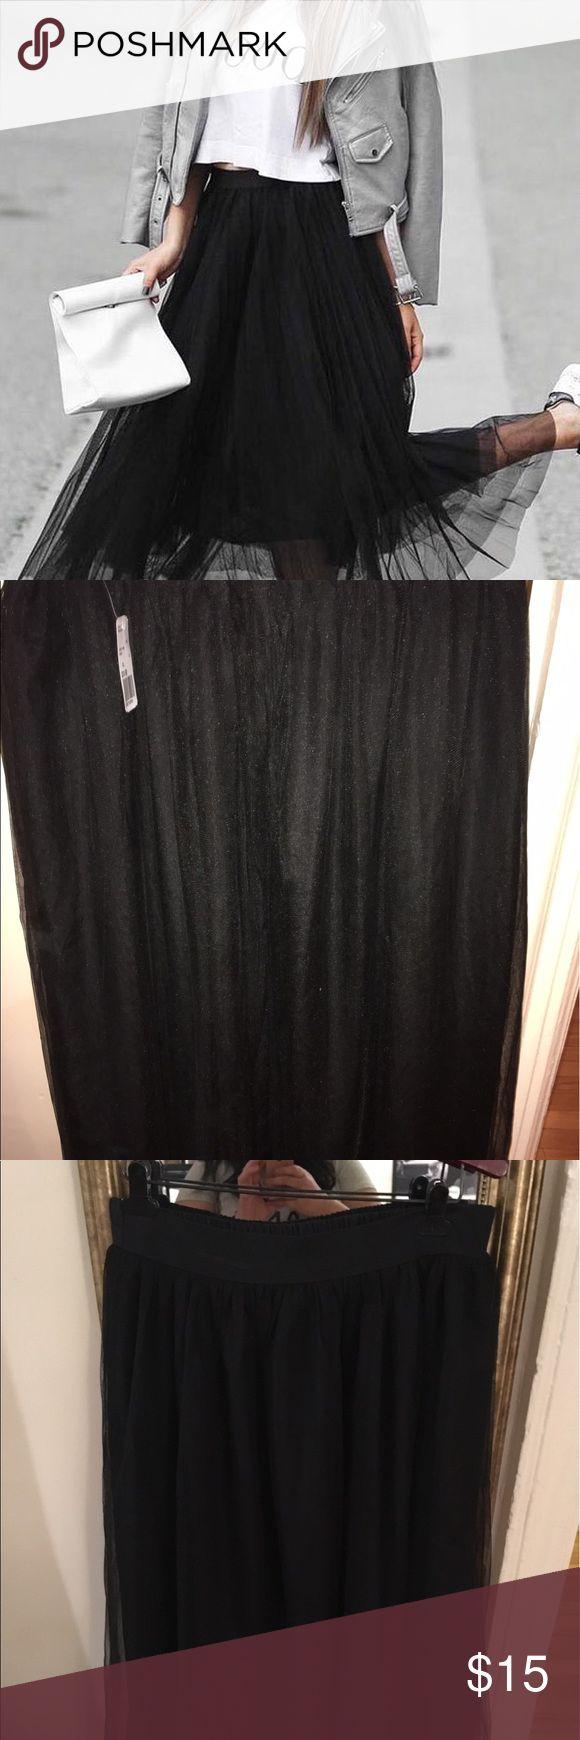 Forever 21 Black Tulle Skirt Long black tulle skirt Forever 21 Skirts